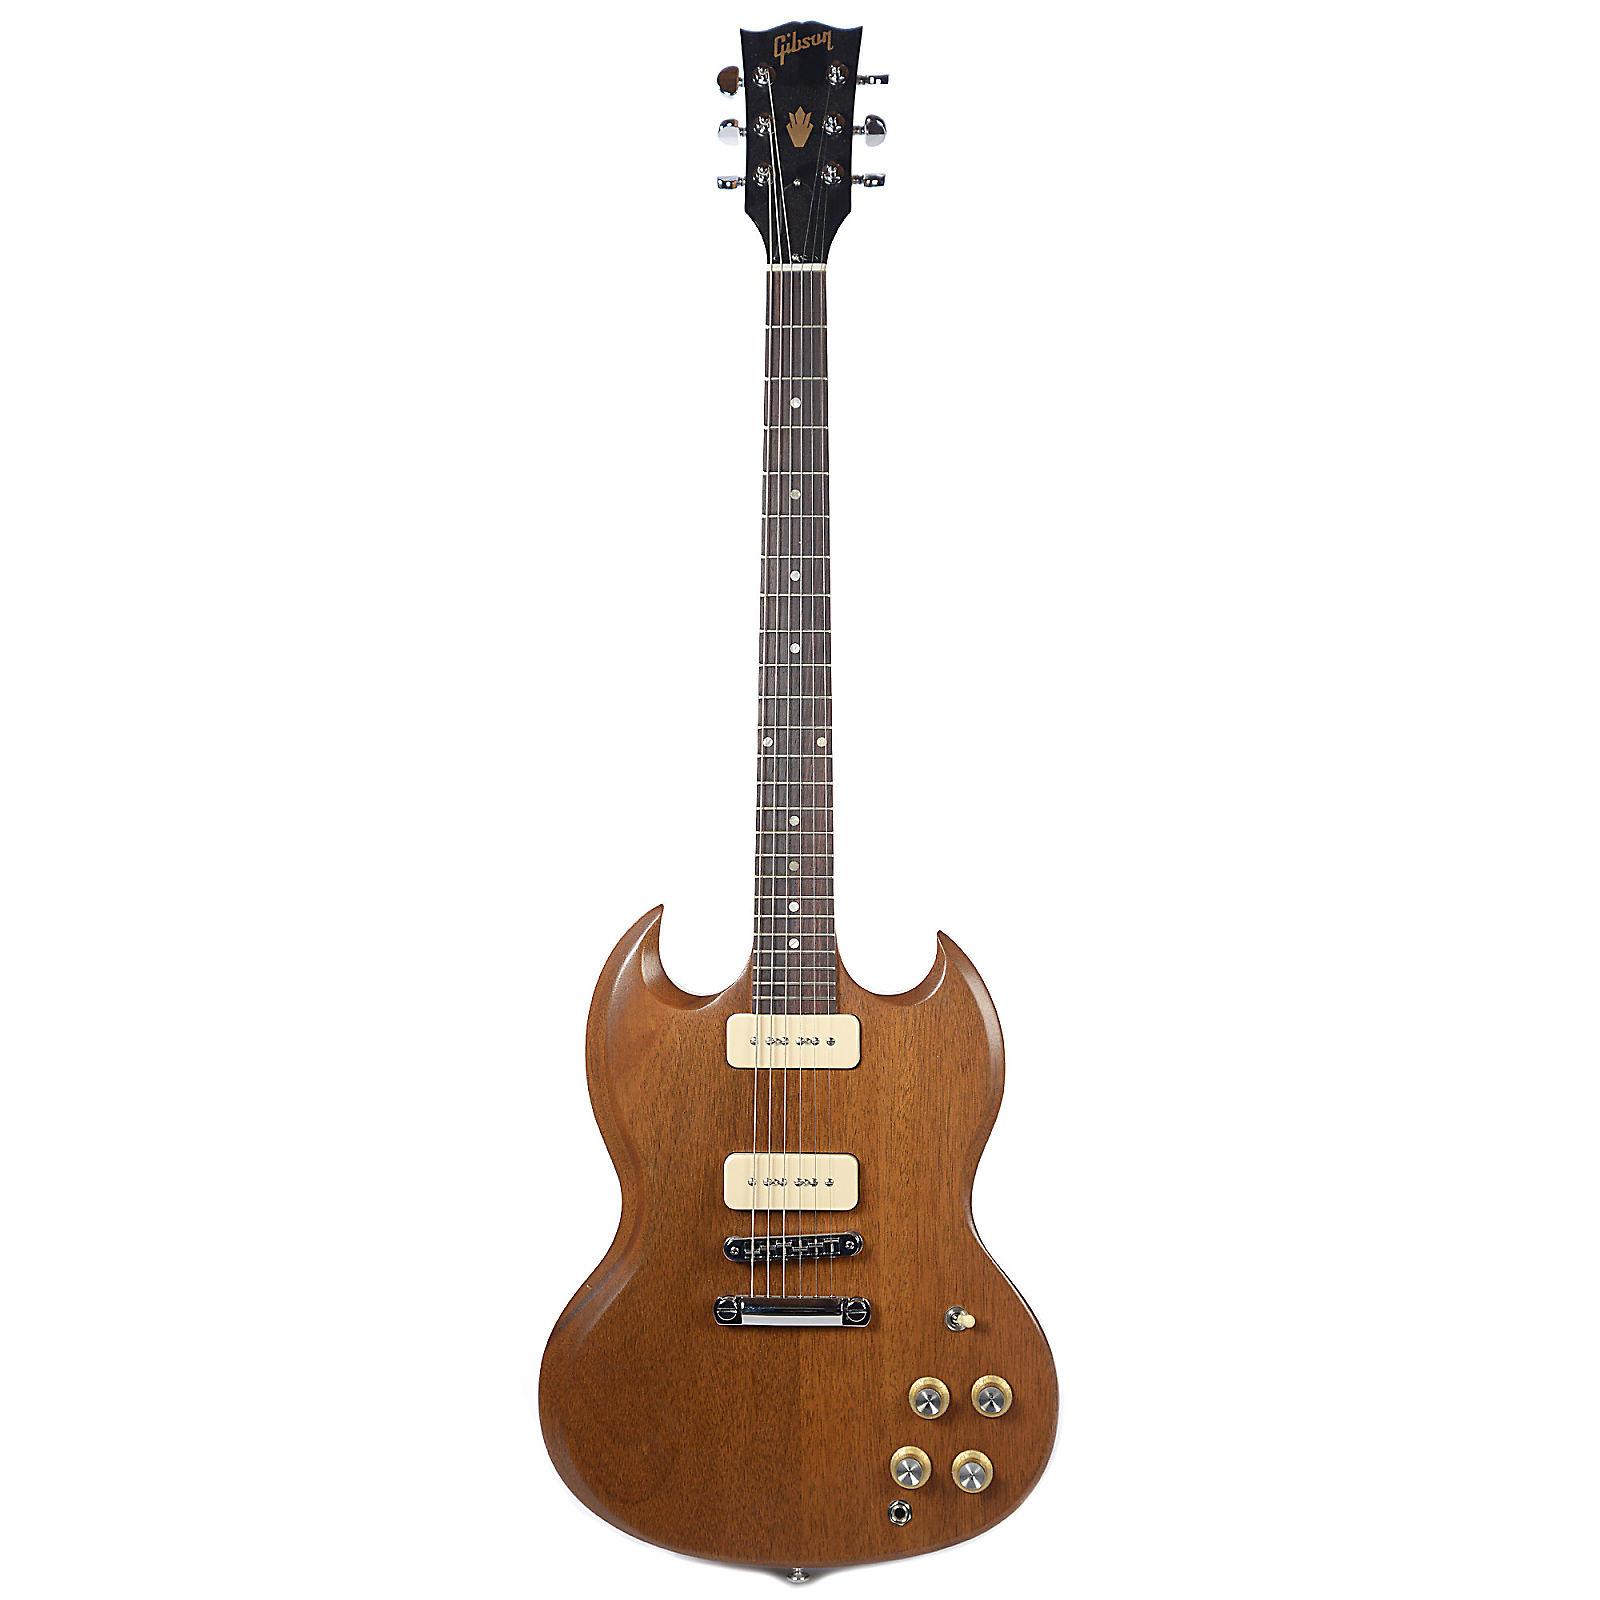 Gibson SG Limited Run Naked Natural vintage, Mahogany body